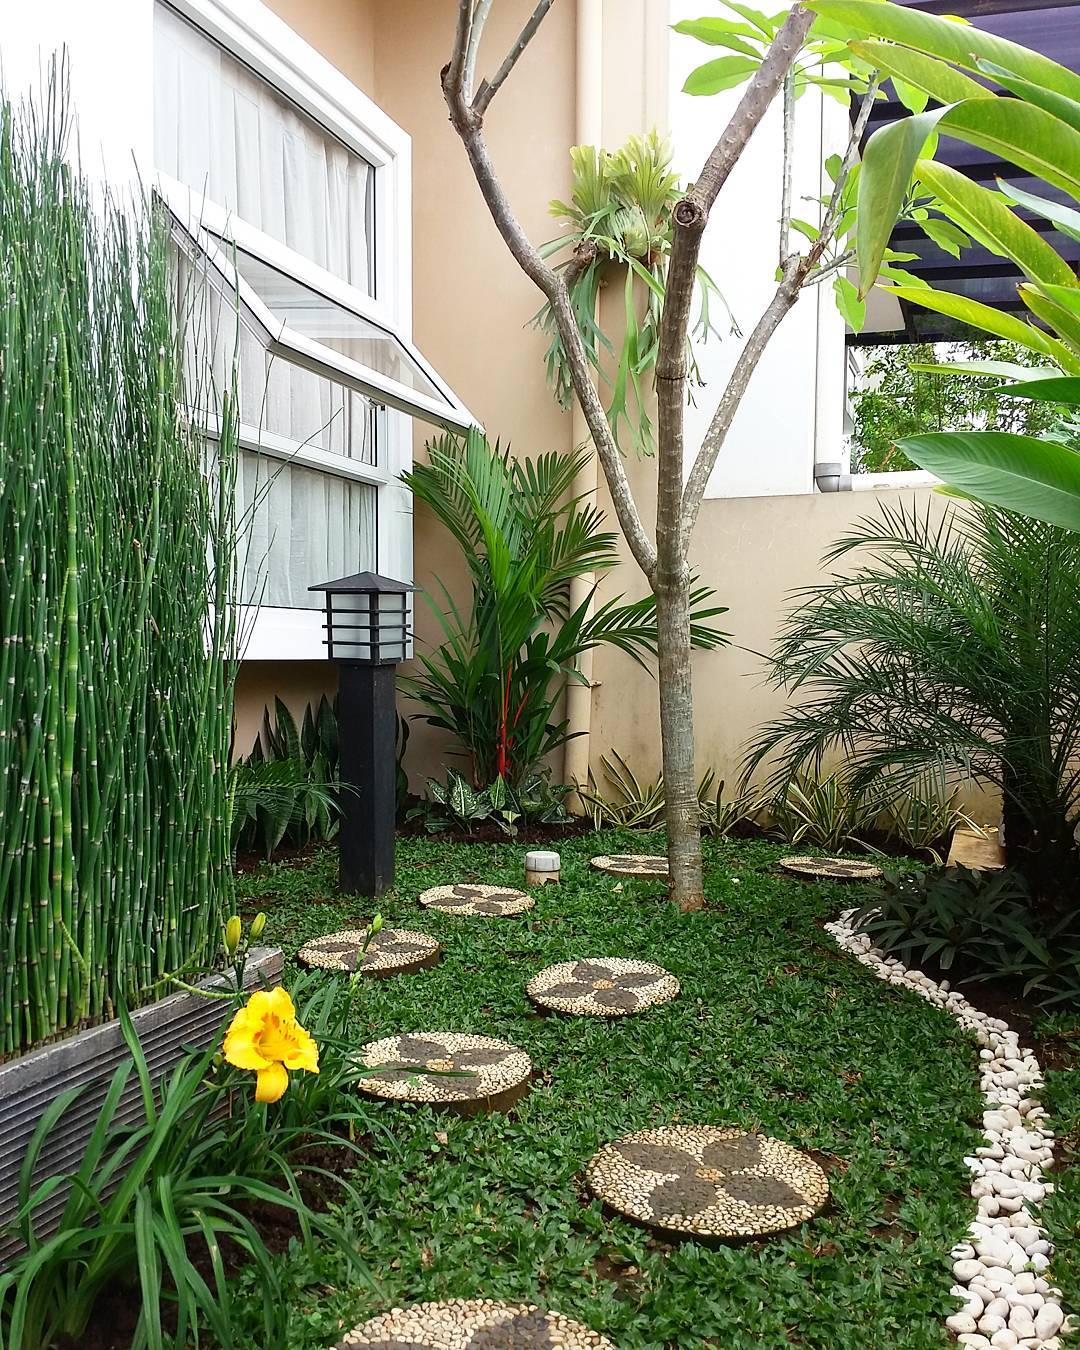 Taman Buah Di Belakang Rumah Minimalis Destaman